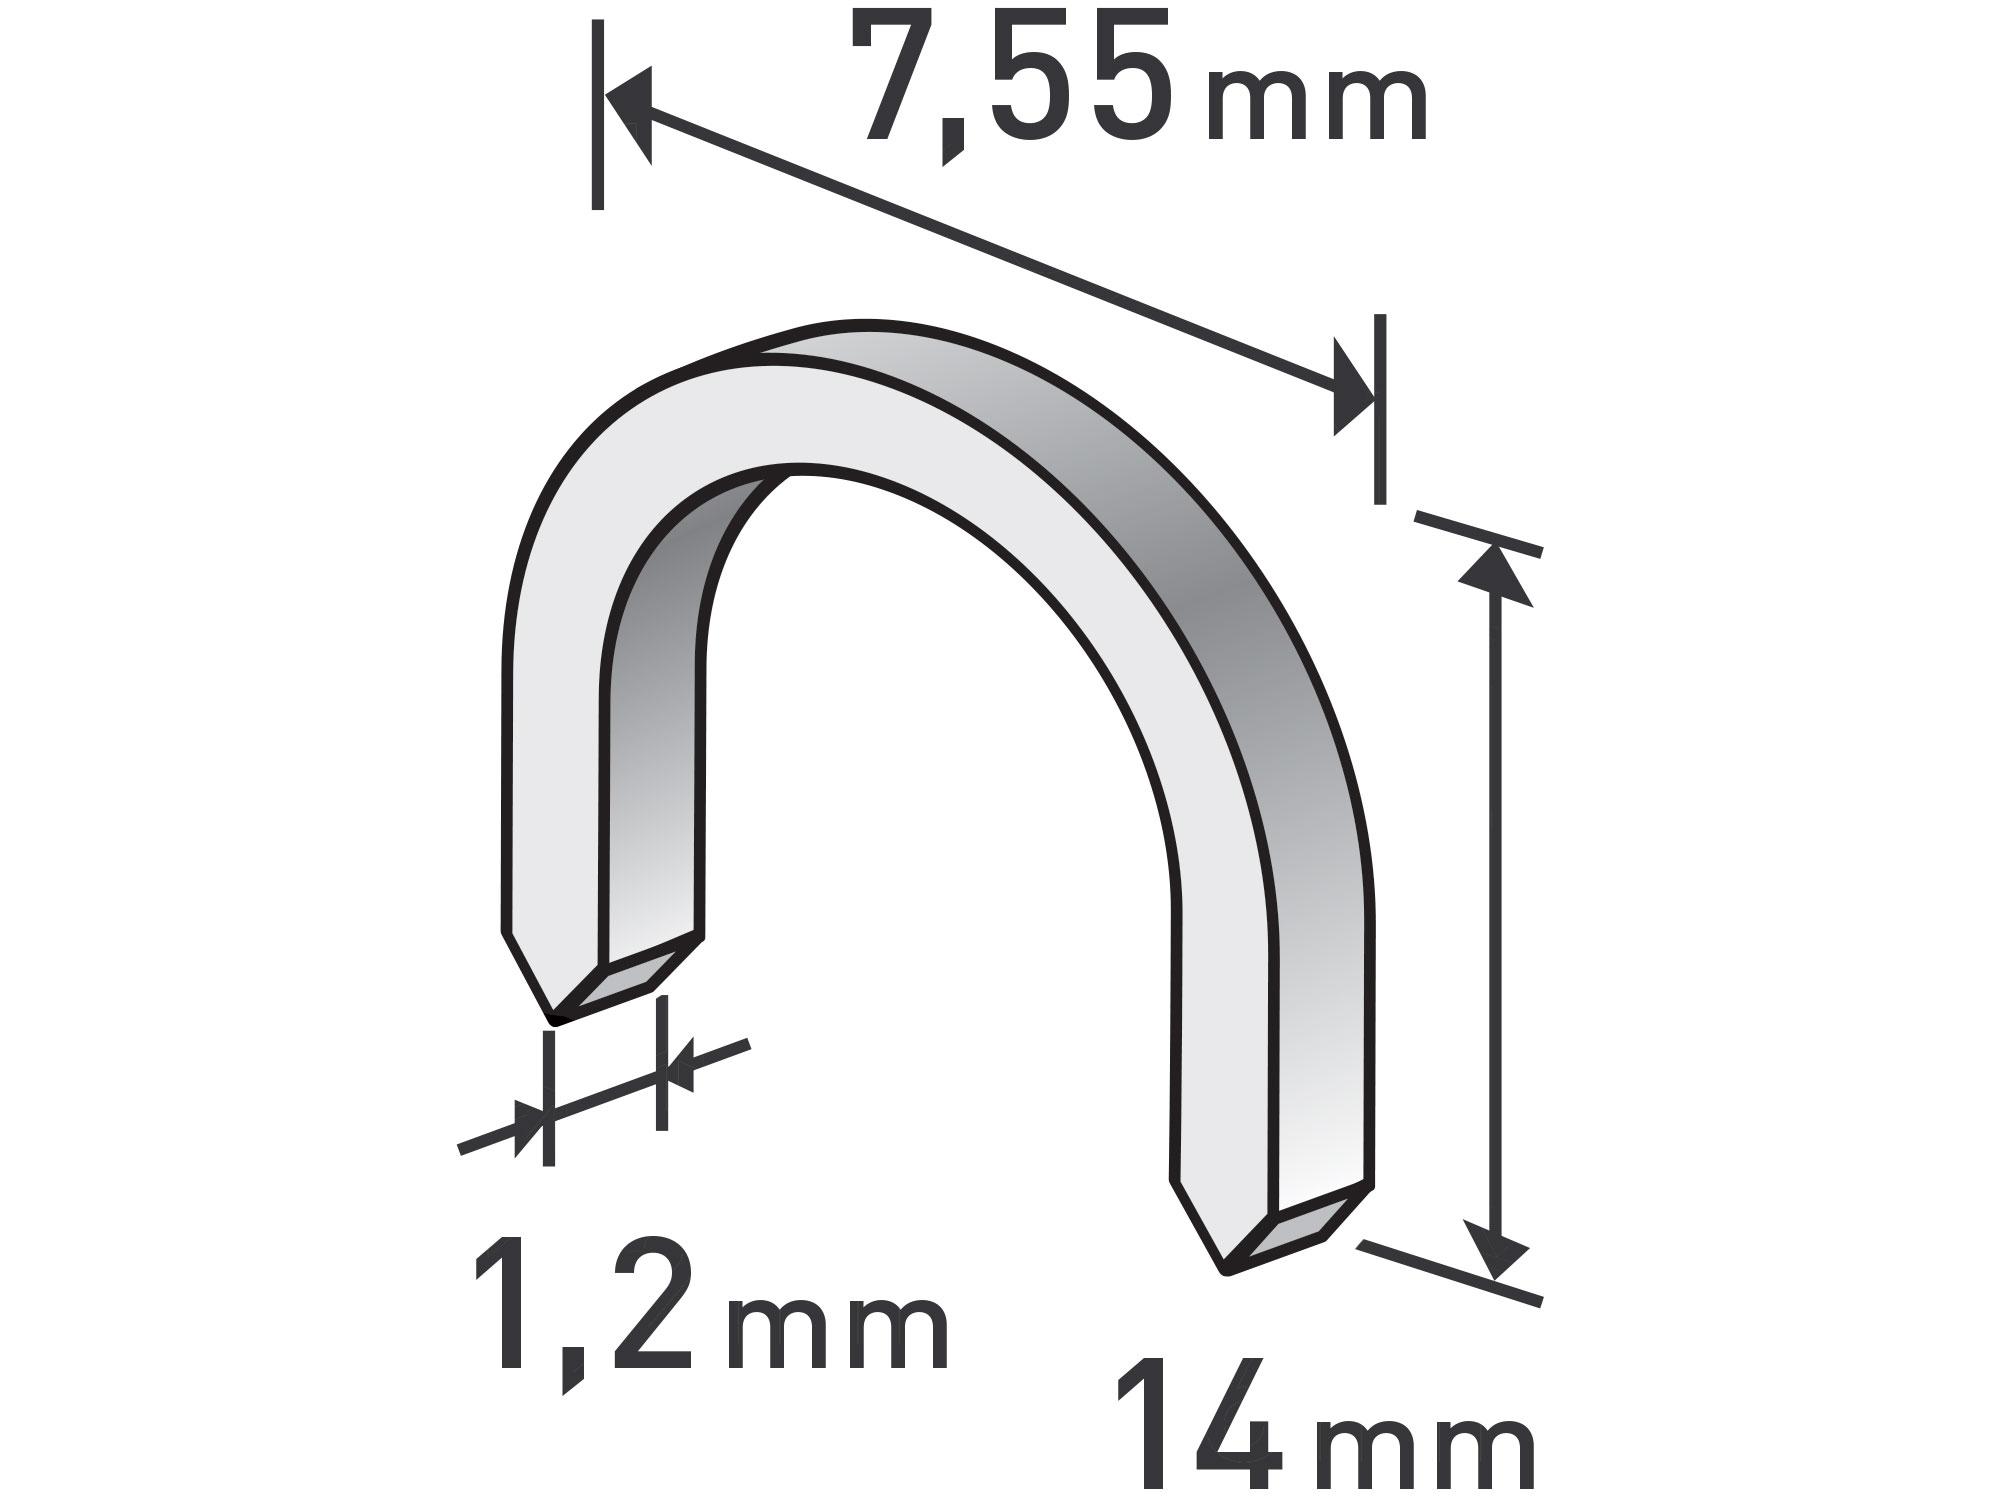 spony oblé, balení 1000ks, 14mm, 7,55x0,52x1,2mm, EXTOL PREMIUM 8852305